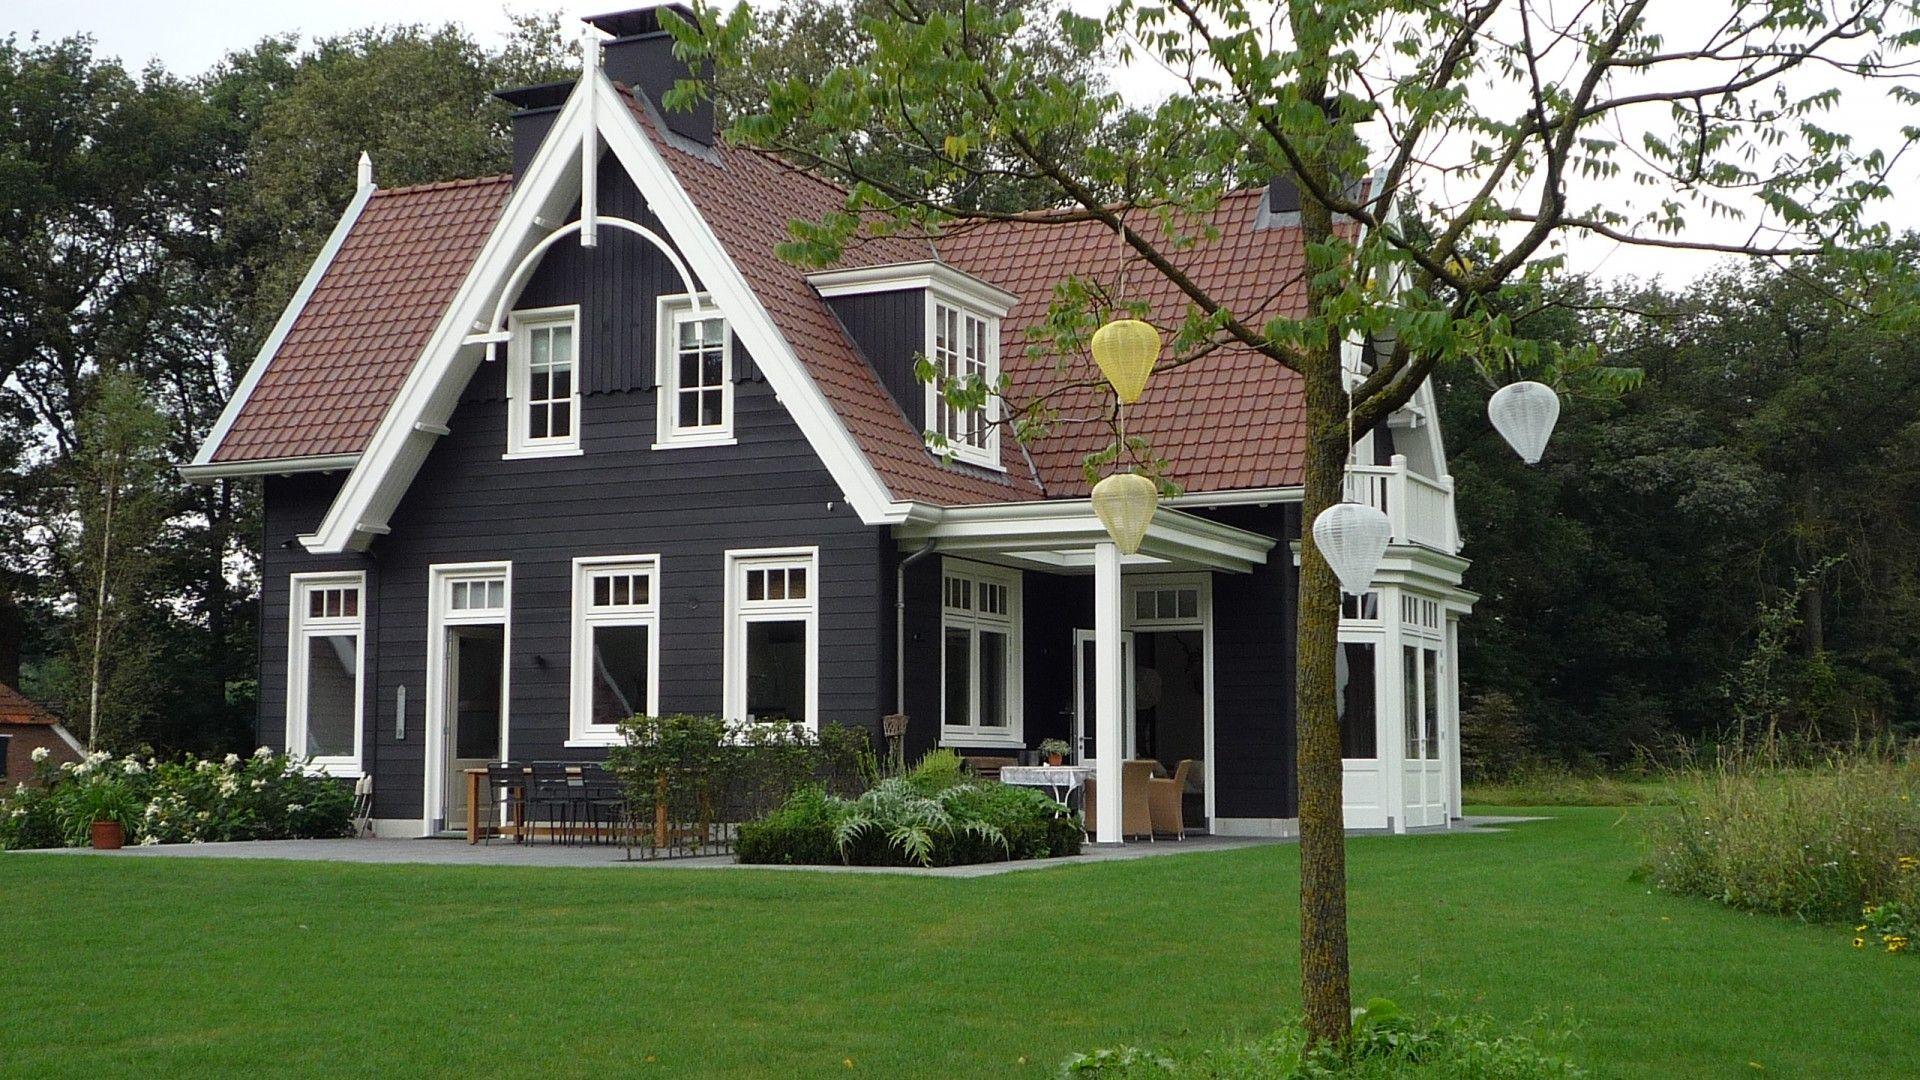 Houten Woning Ideeen : Moderne woningen voorbeelden inspiratie